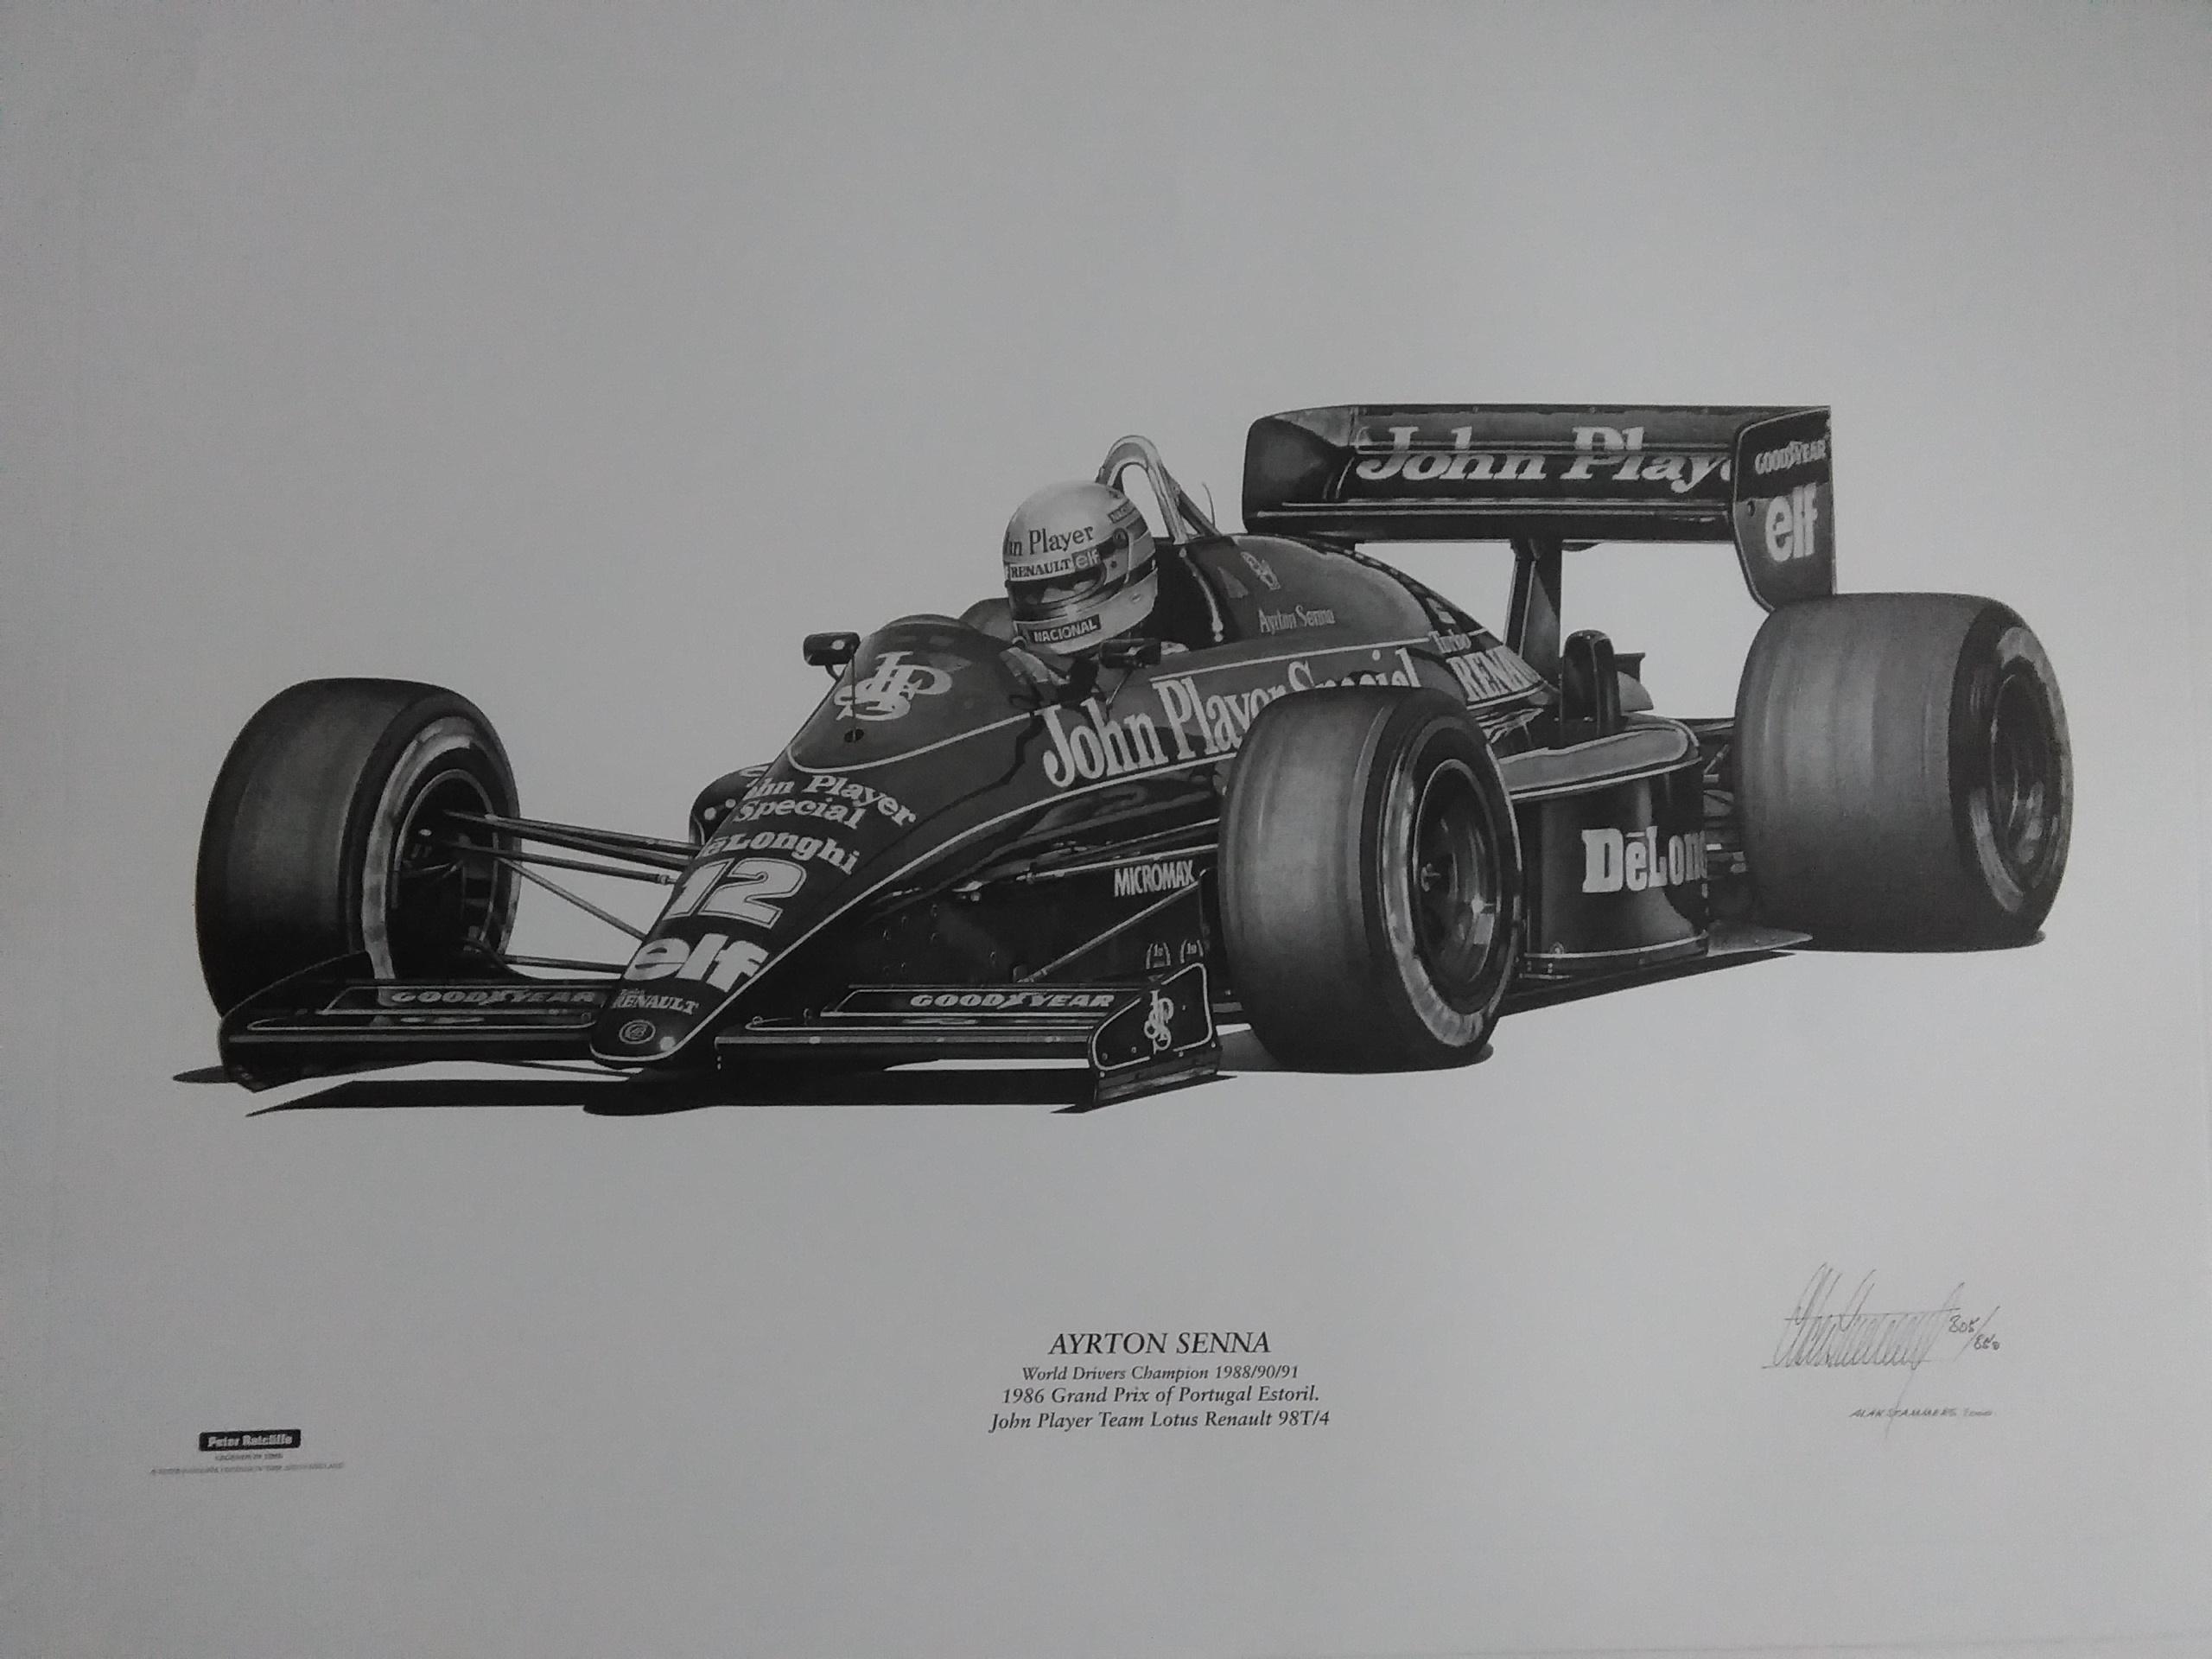 Ayrton Senna Lotus 98T 1986-Alan Stammers